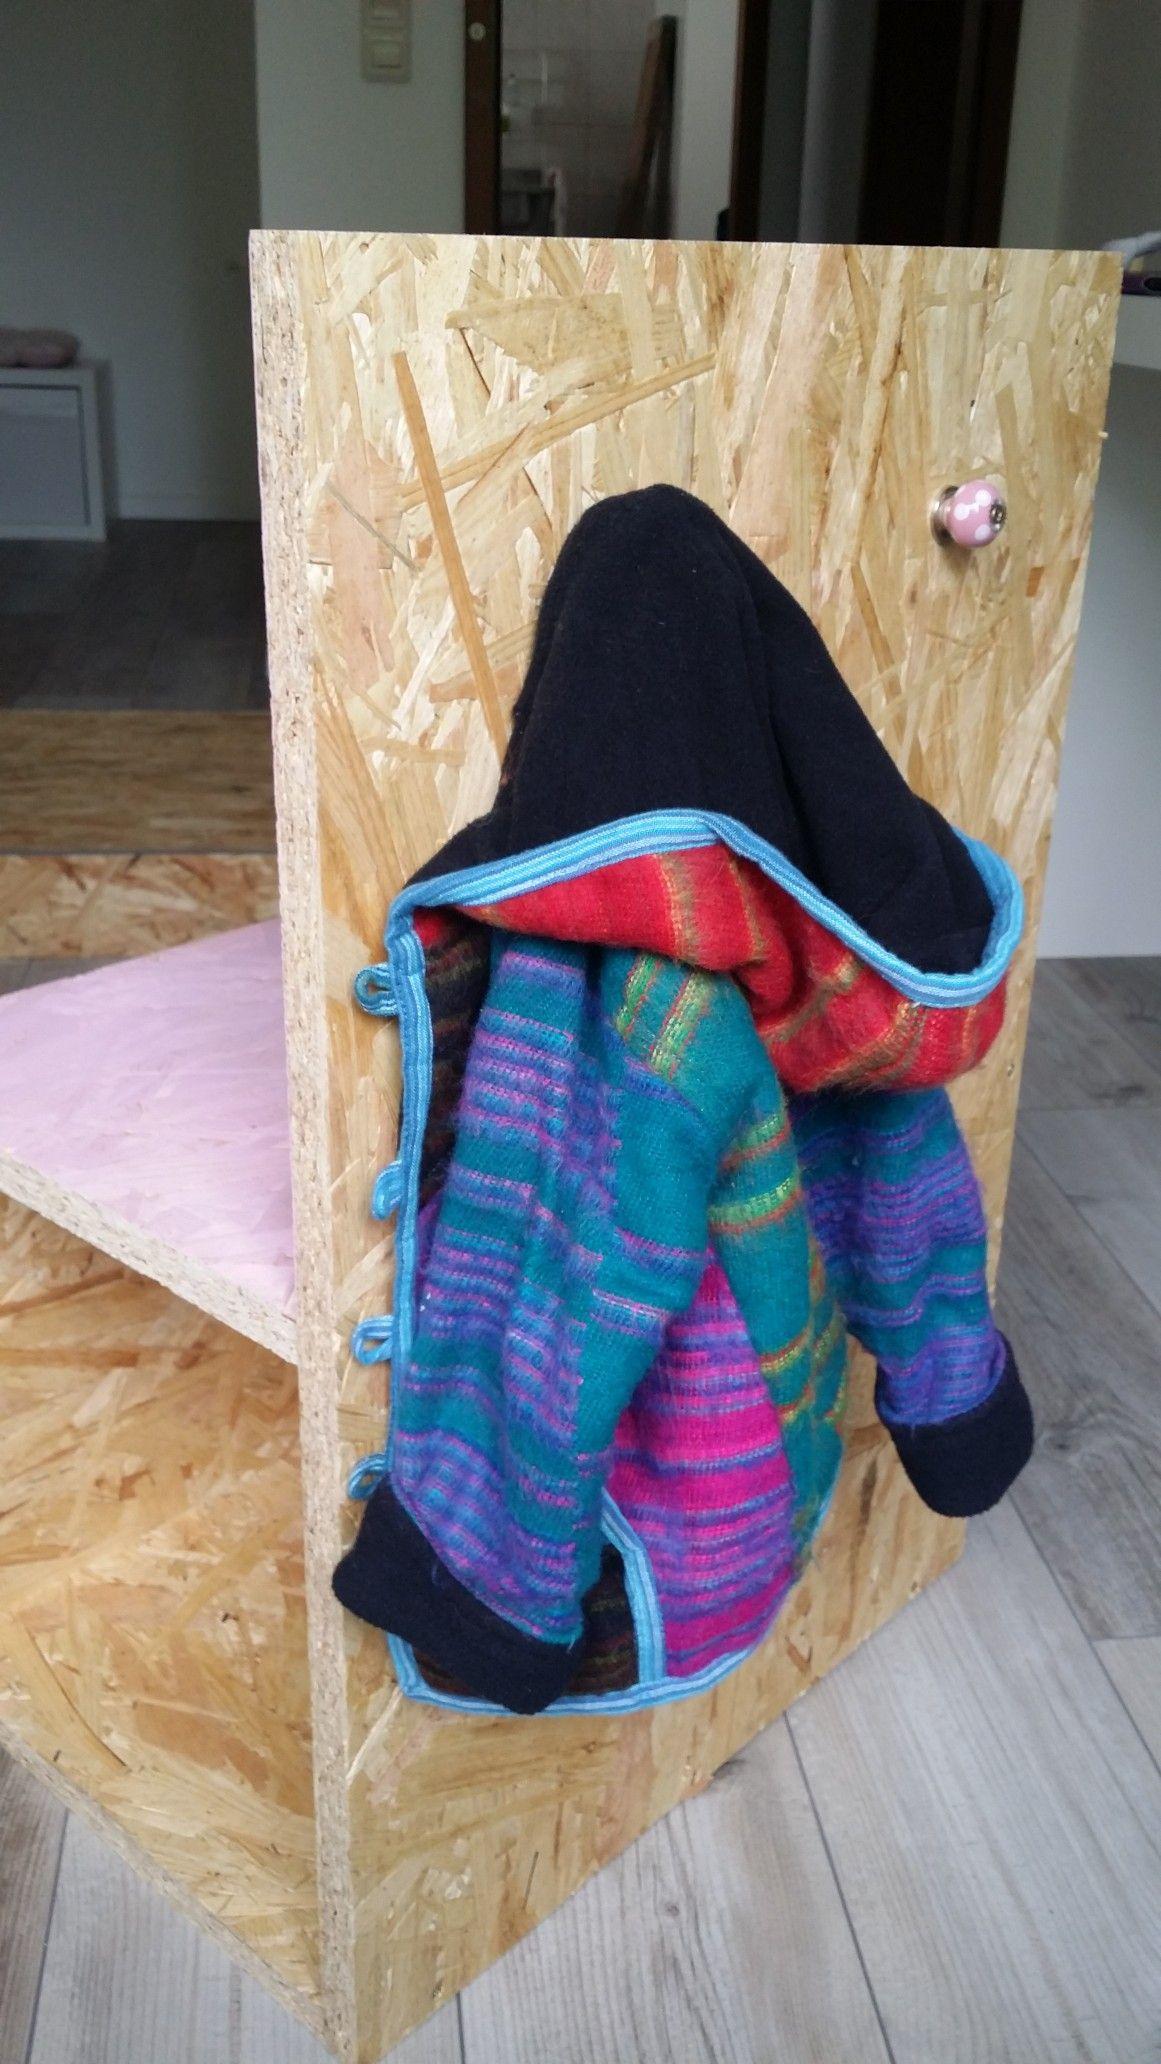 Döppken Raumpiraterie Kindergarderobe Diy Rosagrau Holz Selberbauen Möbel Aufbewahrung Holzarbeiten